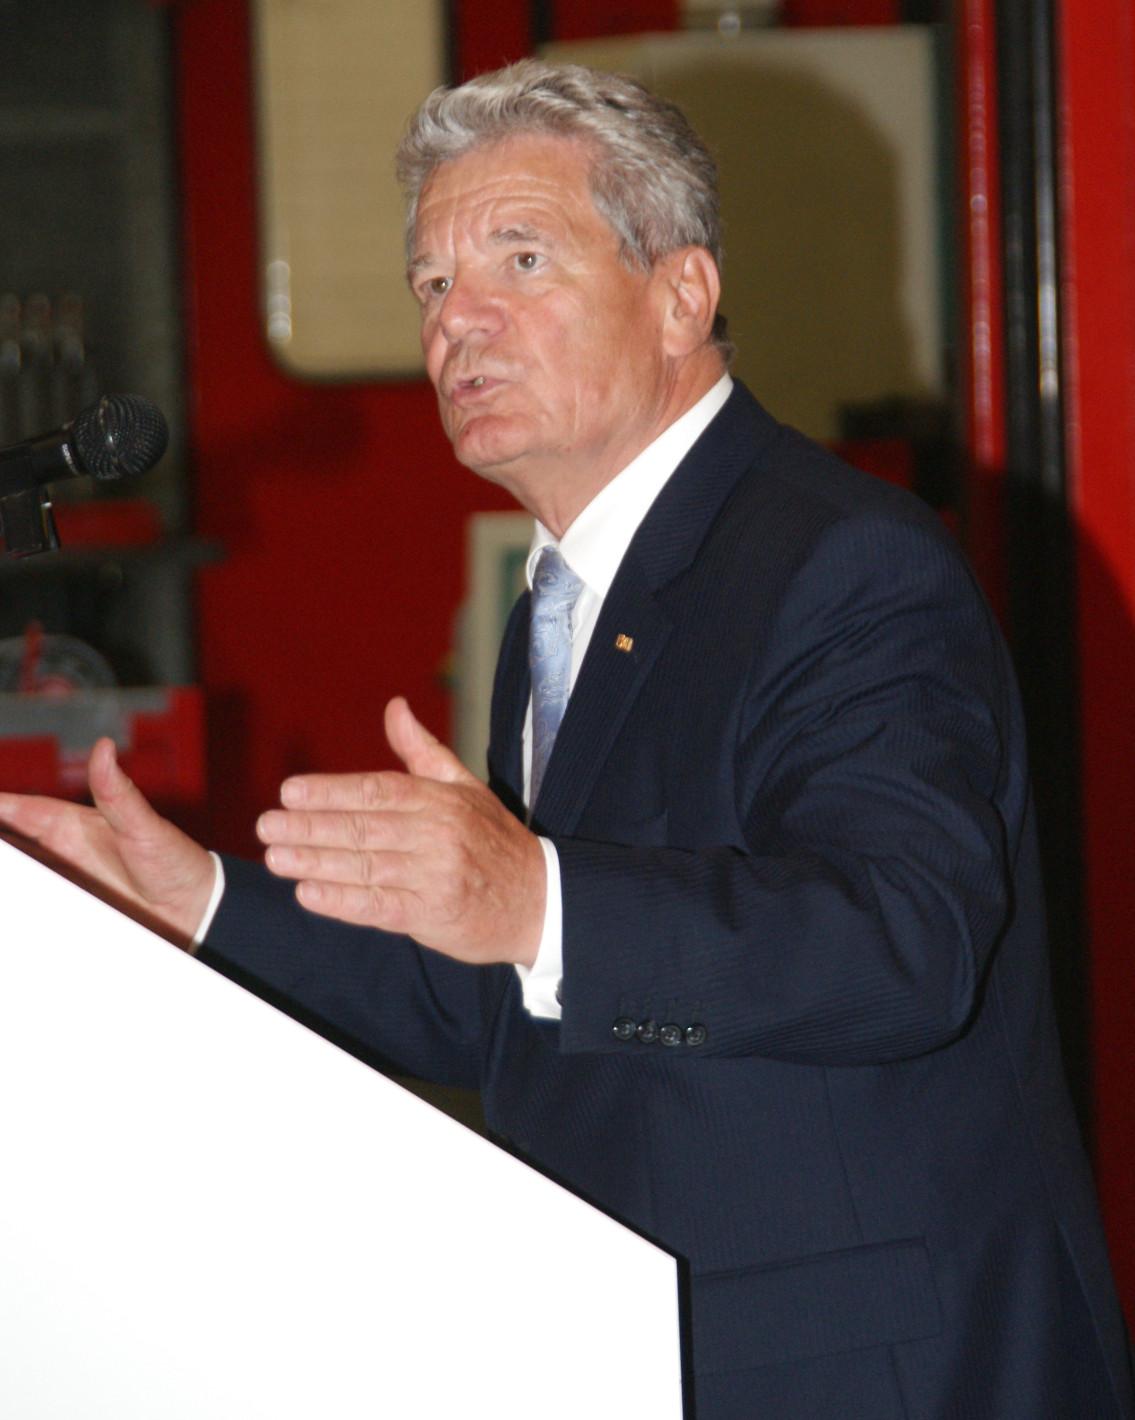 Ehemaliger Bundespräsident und Pastor - Joachim Gauck